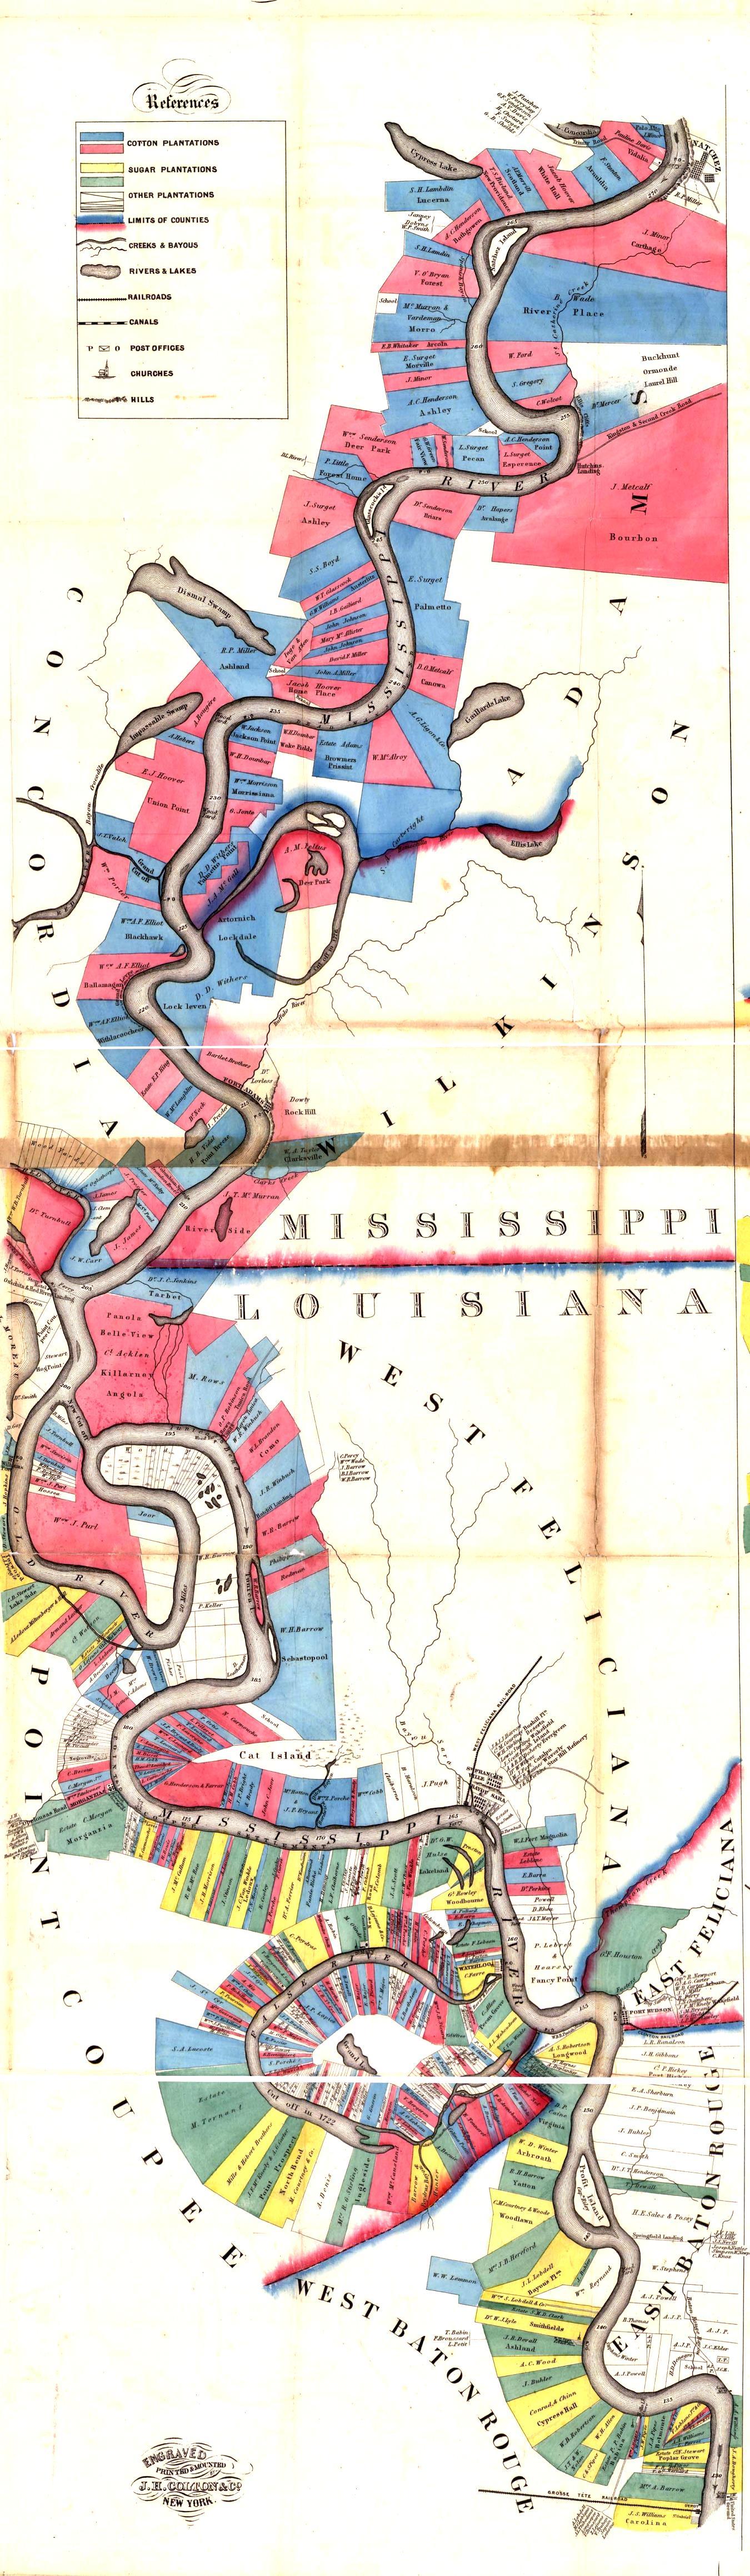 Louisiana State Penitentiary Wikipedia